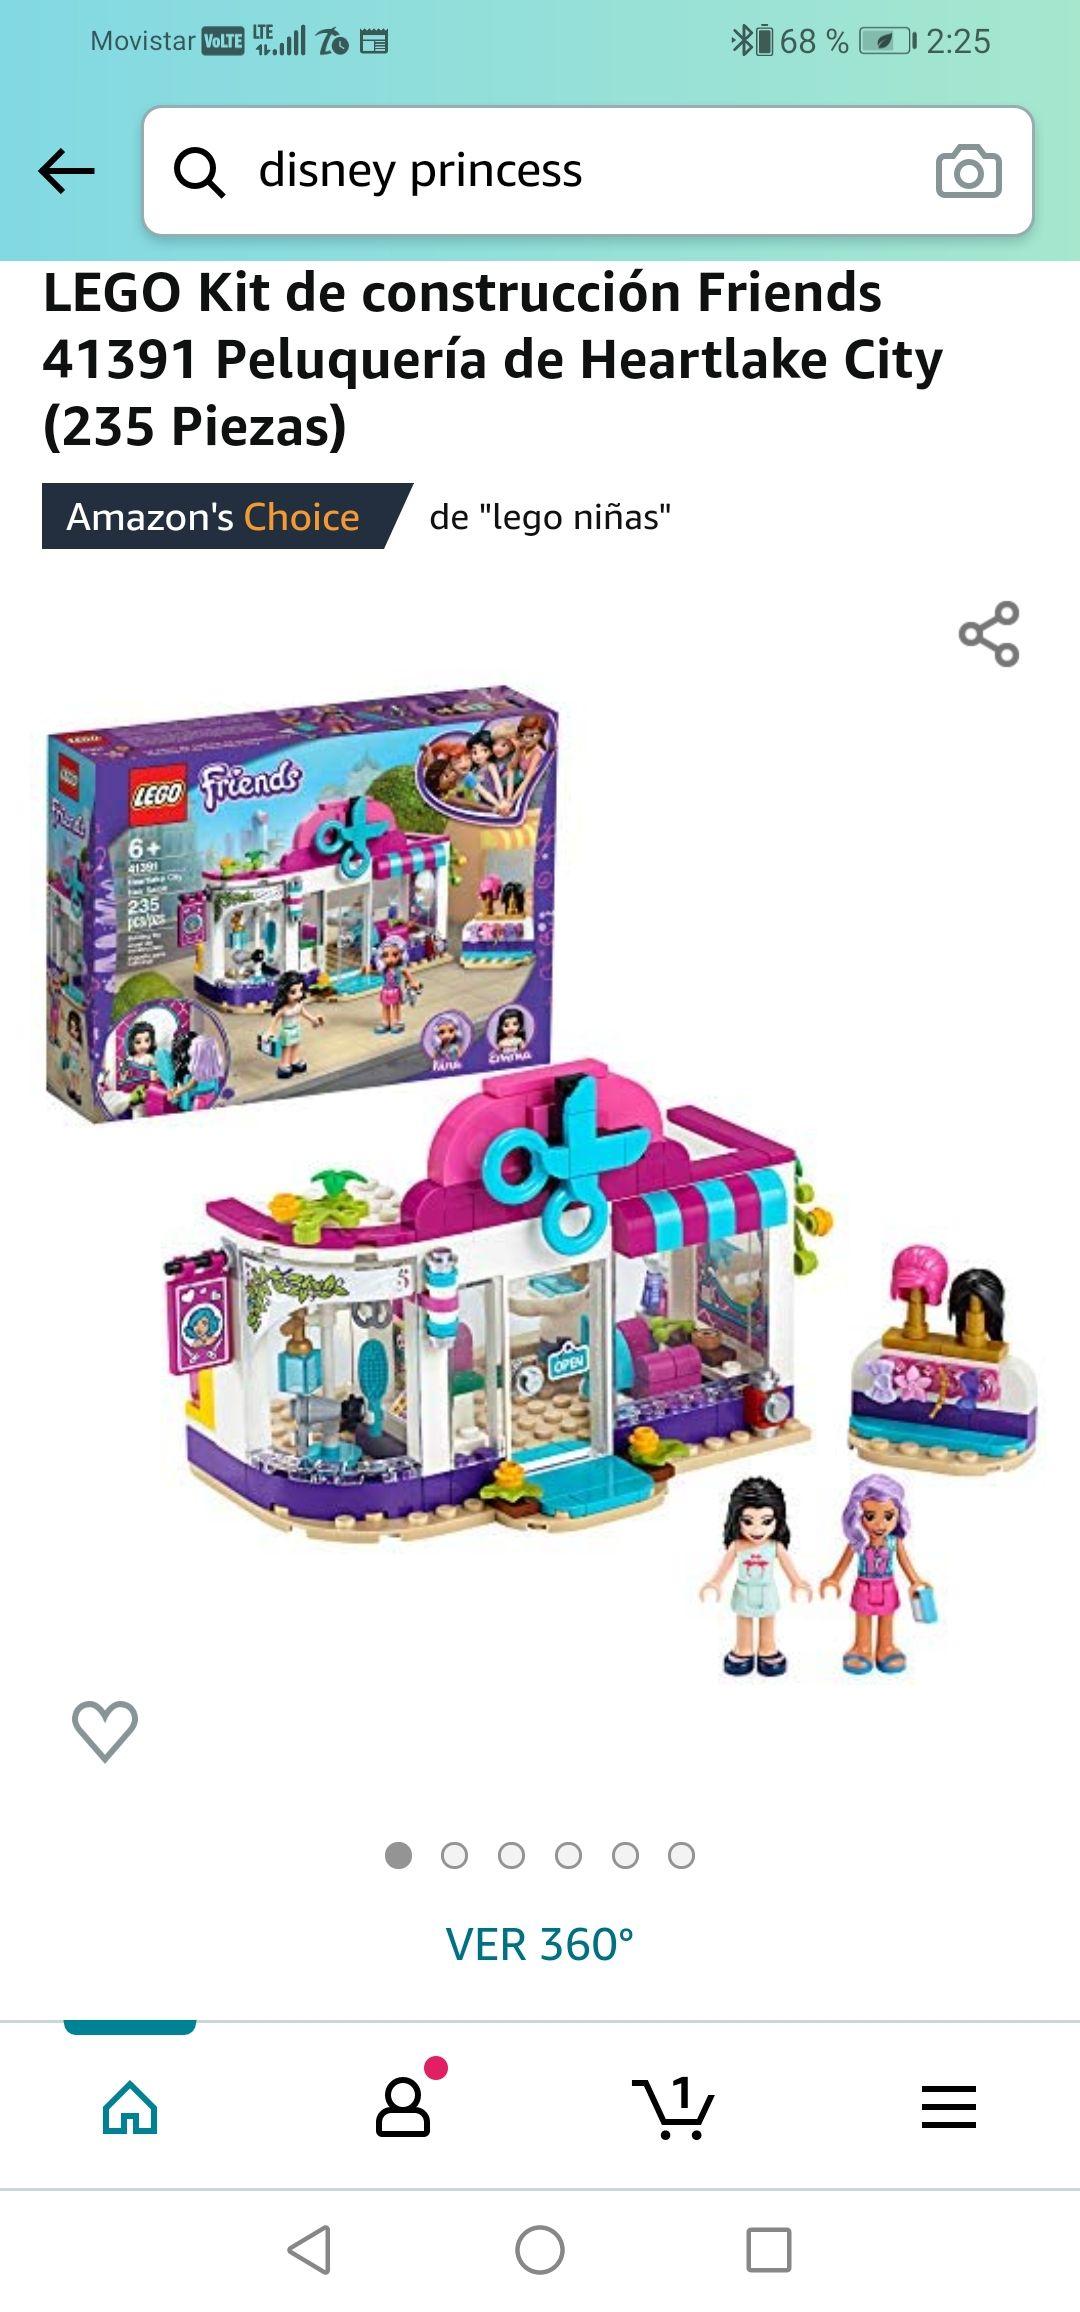 Amazon :LEGO Kit de construcción Friends 41391 Peluquería de Heartlake City (235 Piezas)